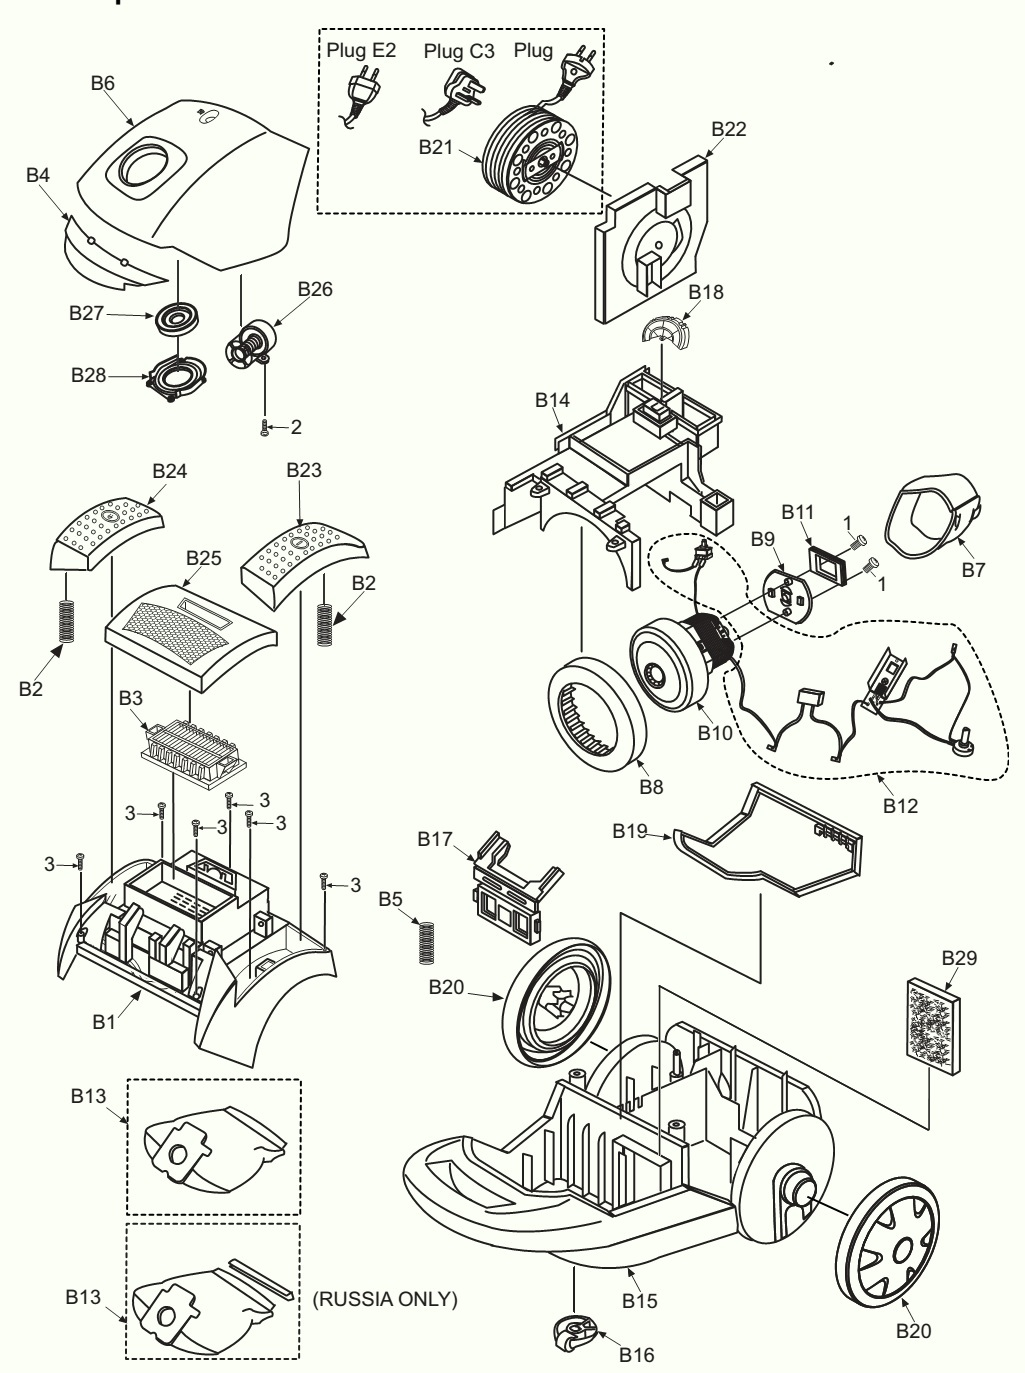 How to Disassemble Panasonic Vacuum Cleaner MCCG524WG43